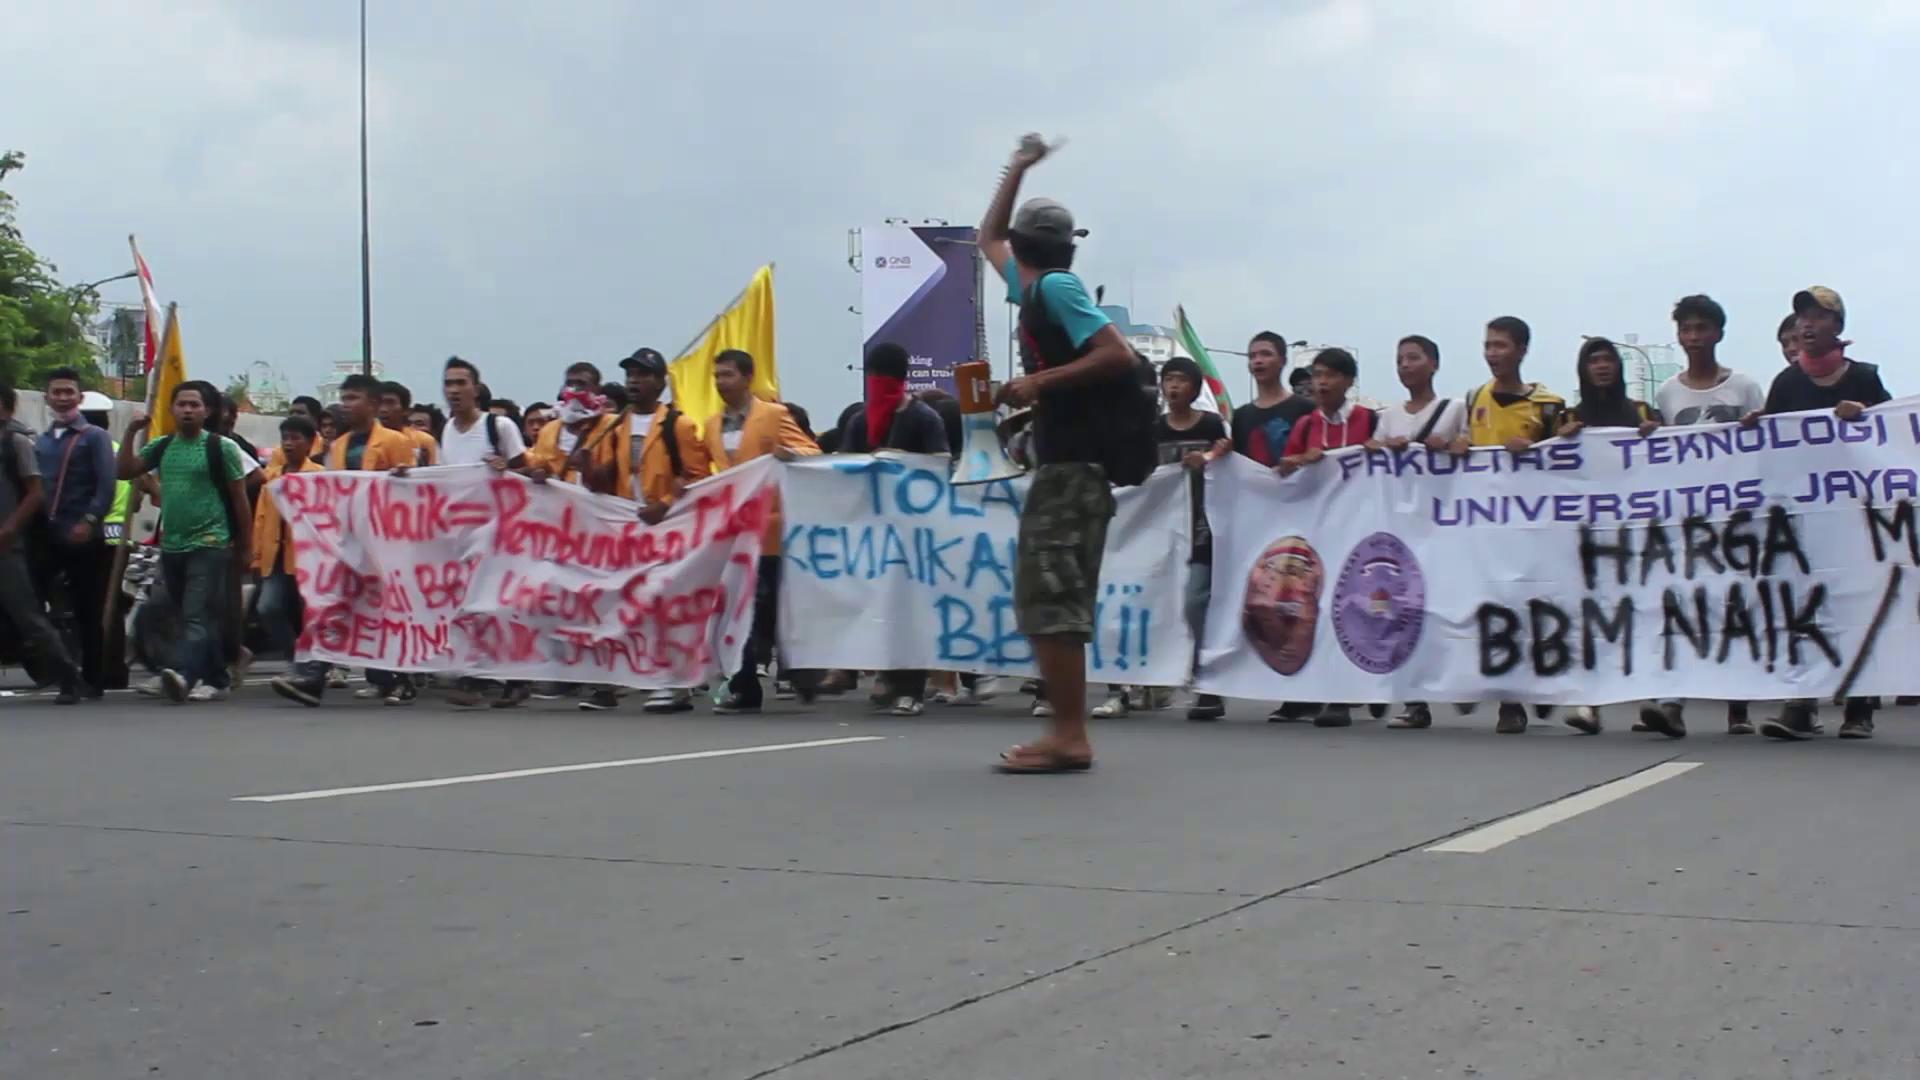 Apa Arti Berbagai Protes Menolak Kenaikan BBM Menjelan 1 April 2012